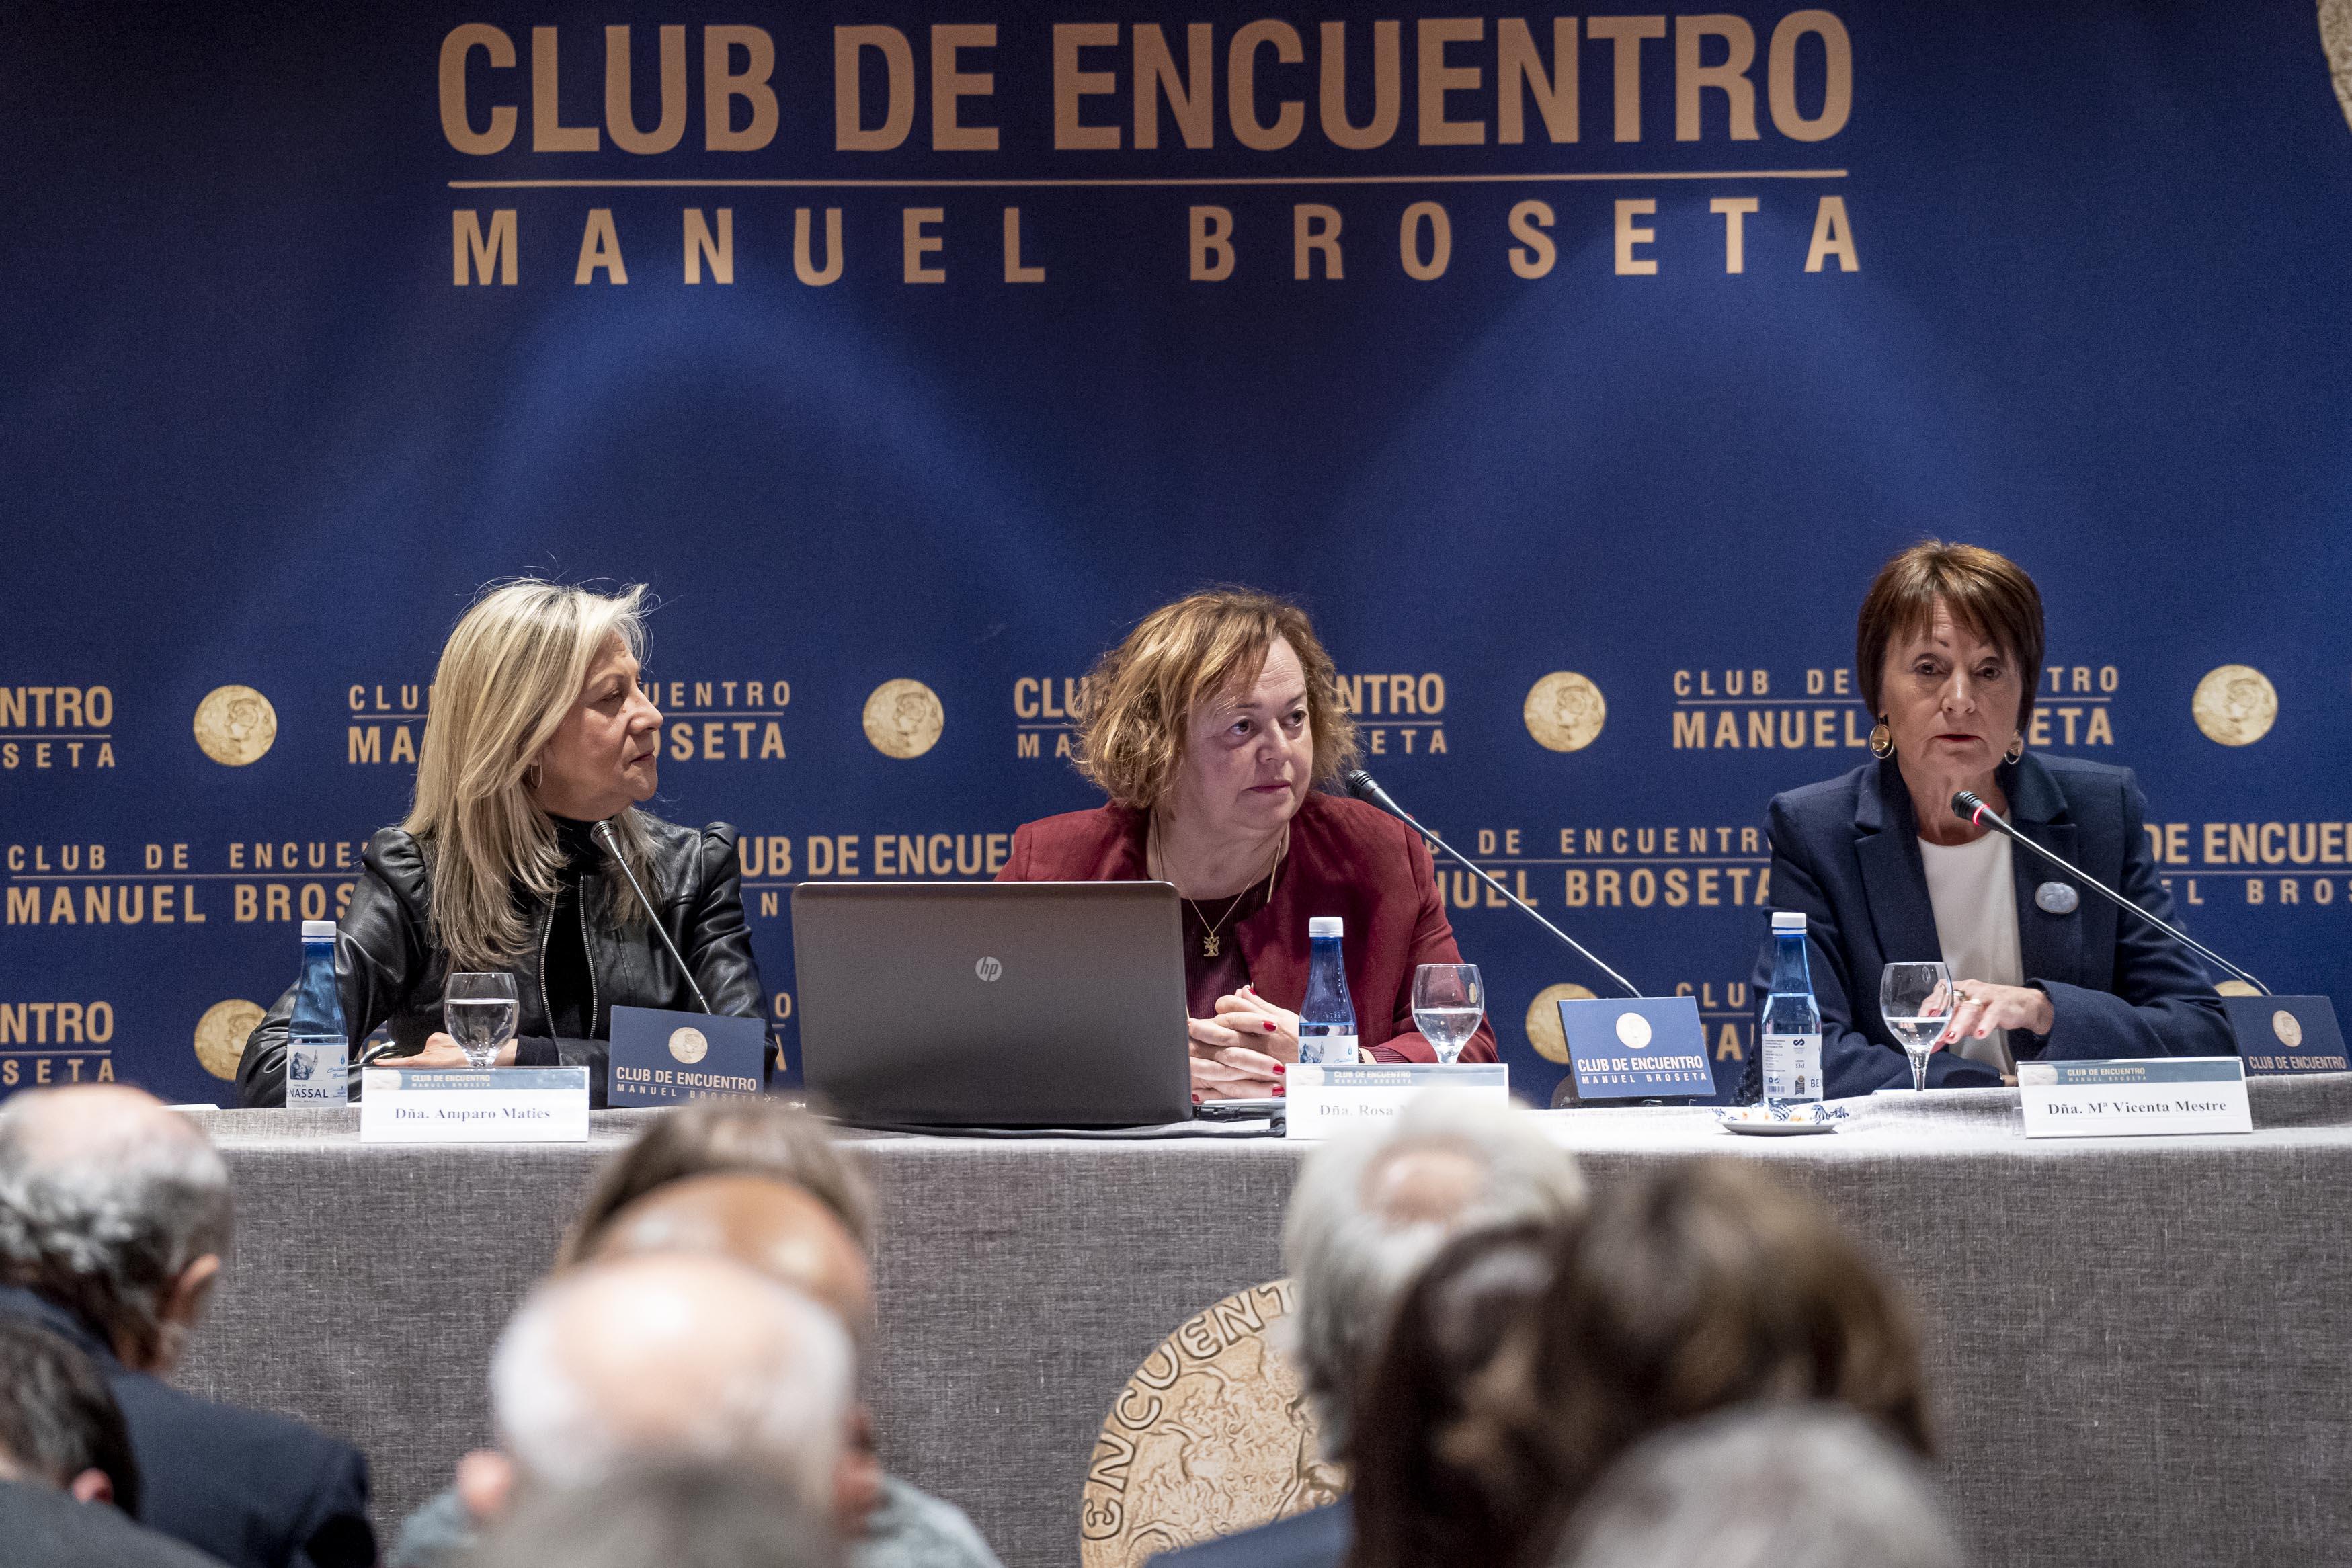 Rosa Menéndez, Los restos científicos son de todos, científicos, empresas y administraciones 19